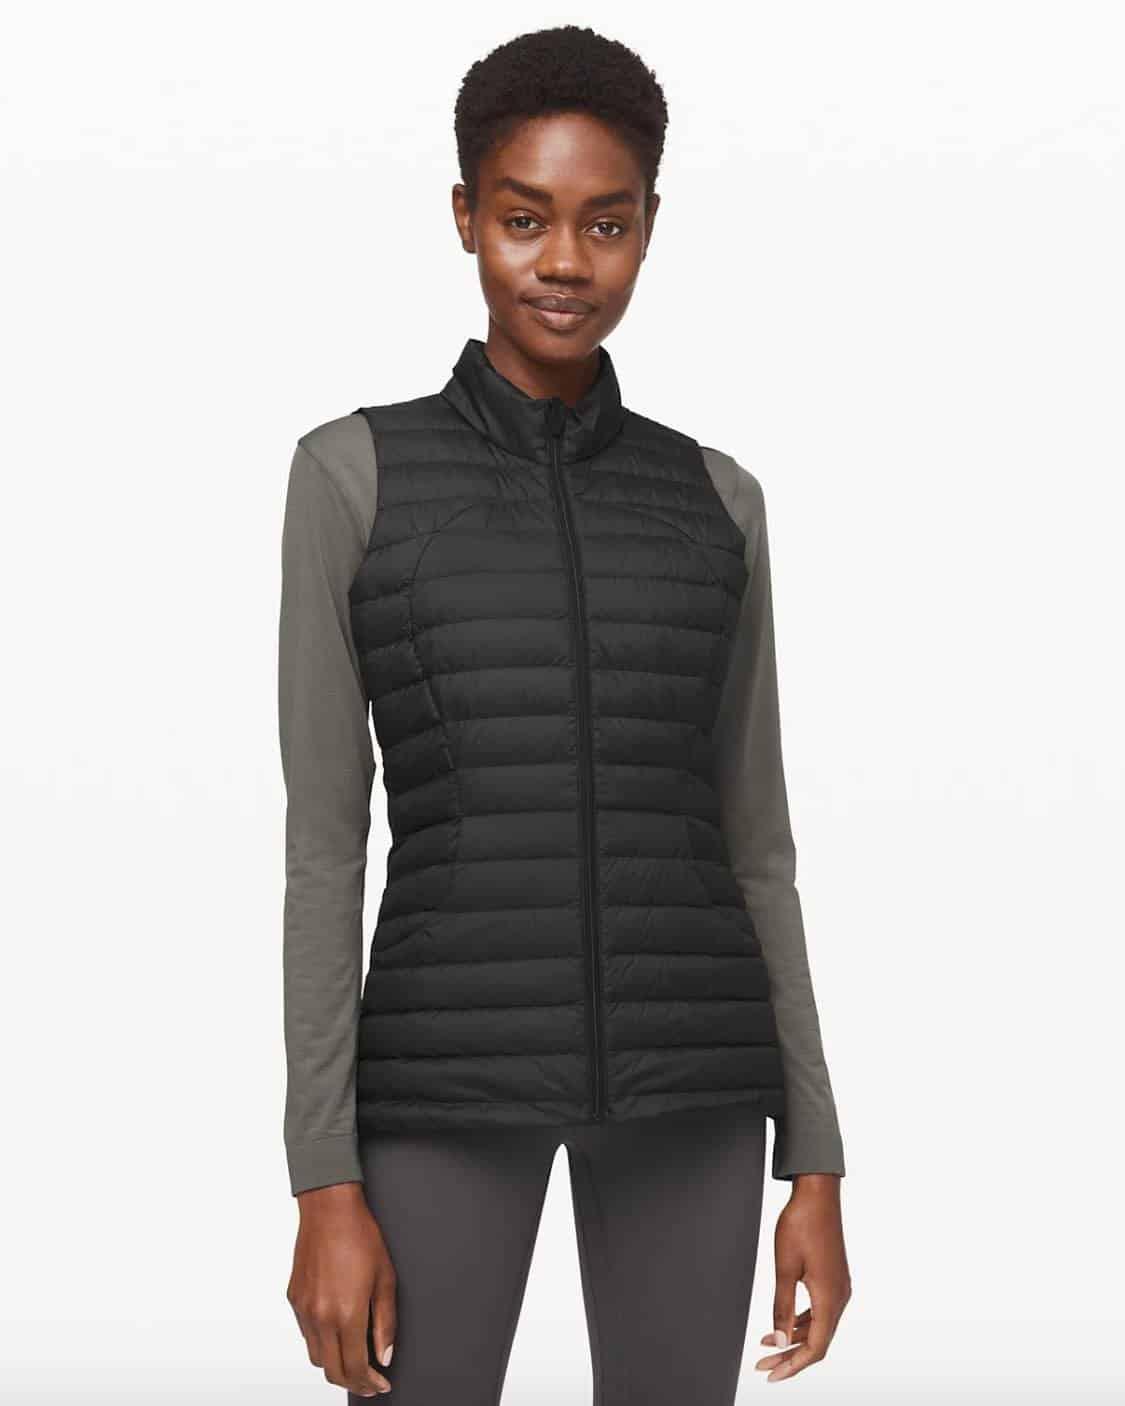 vest for running